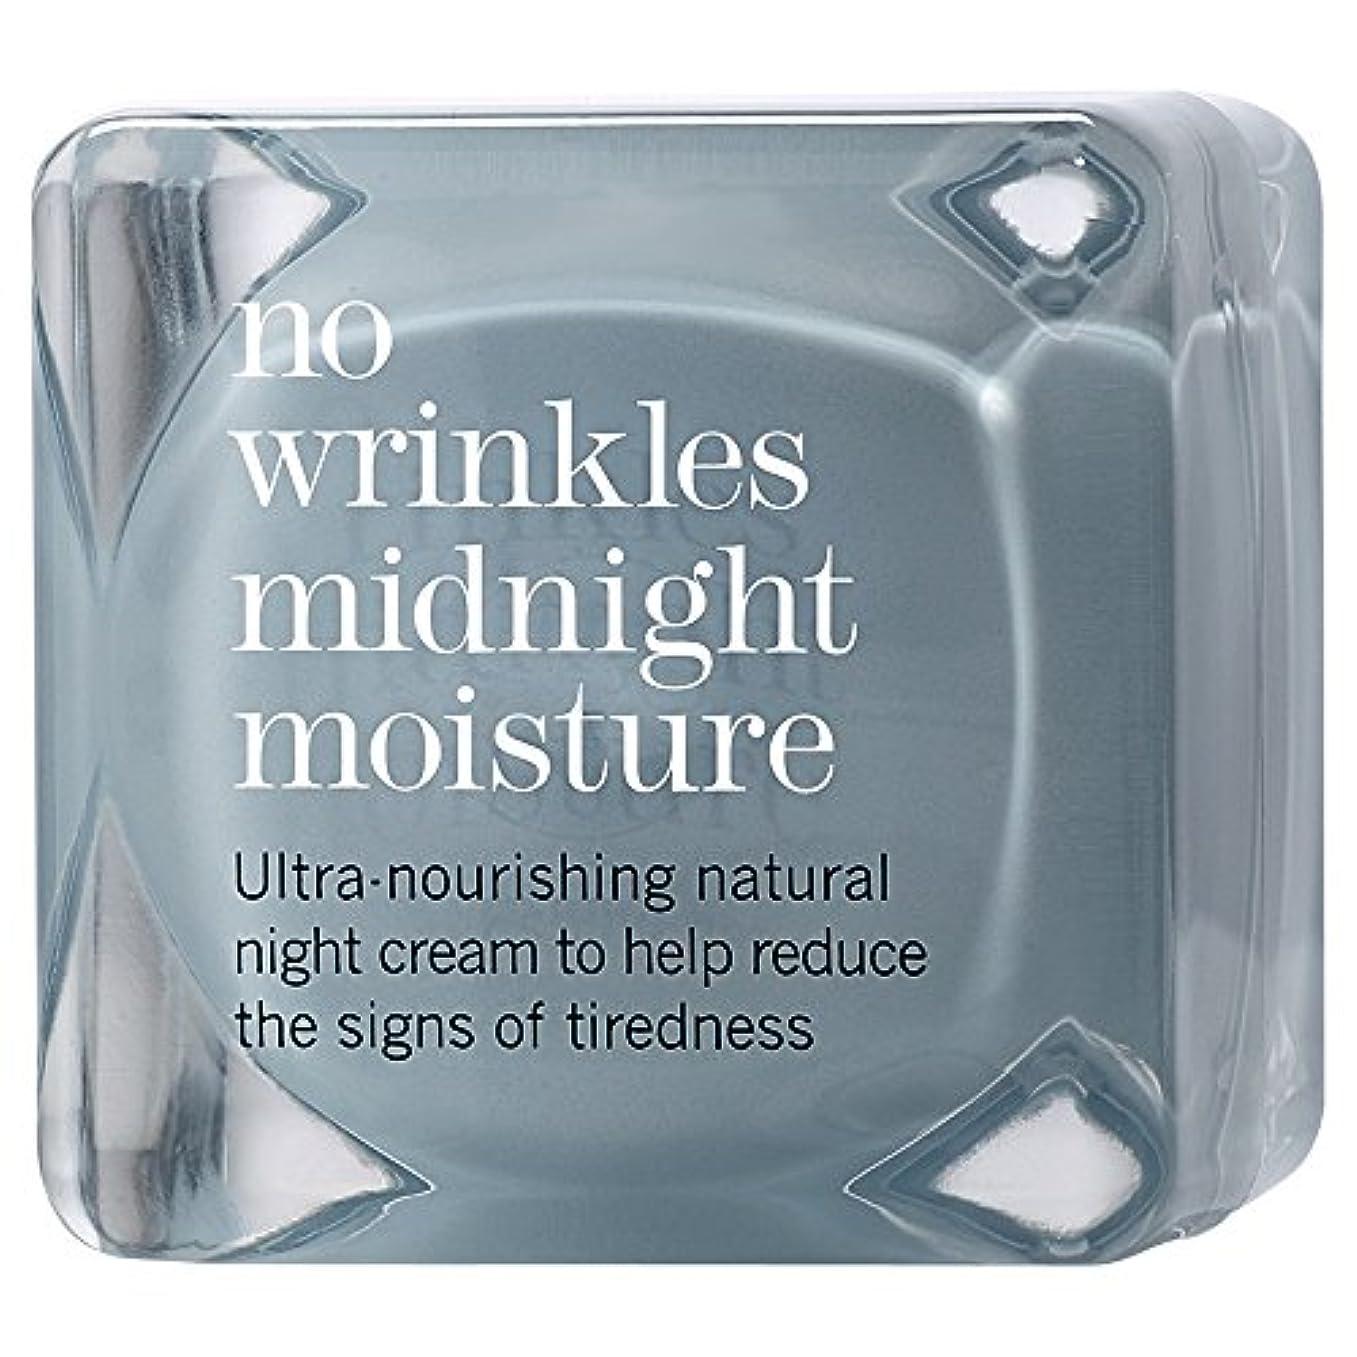 保有者尊敬書店これにはしわ真夜中の水分48ミリリットルの作品はありません (This Works) - This Works No Wrinkles Midnight Moisture 48ml [並行輸入品]